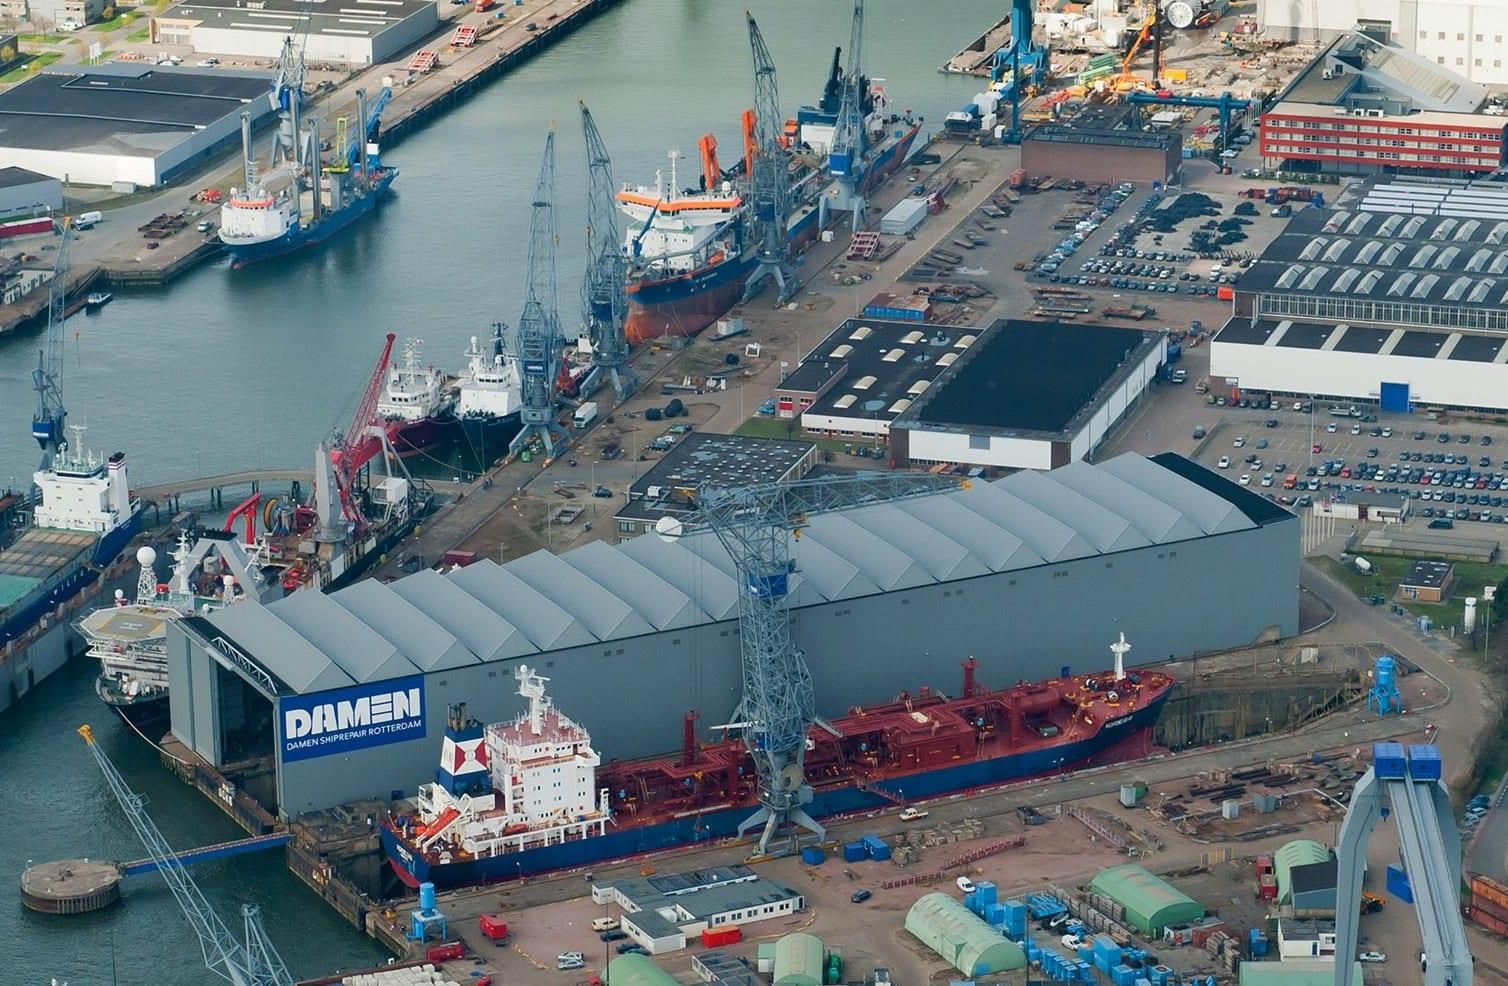 Damen Shipyards is een internationale scheepswerf met meer dan 8.000 medewerkers in 35 landen